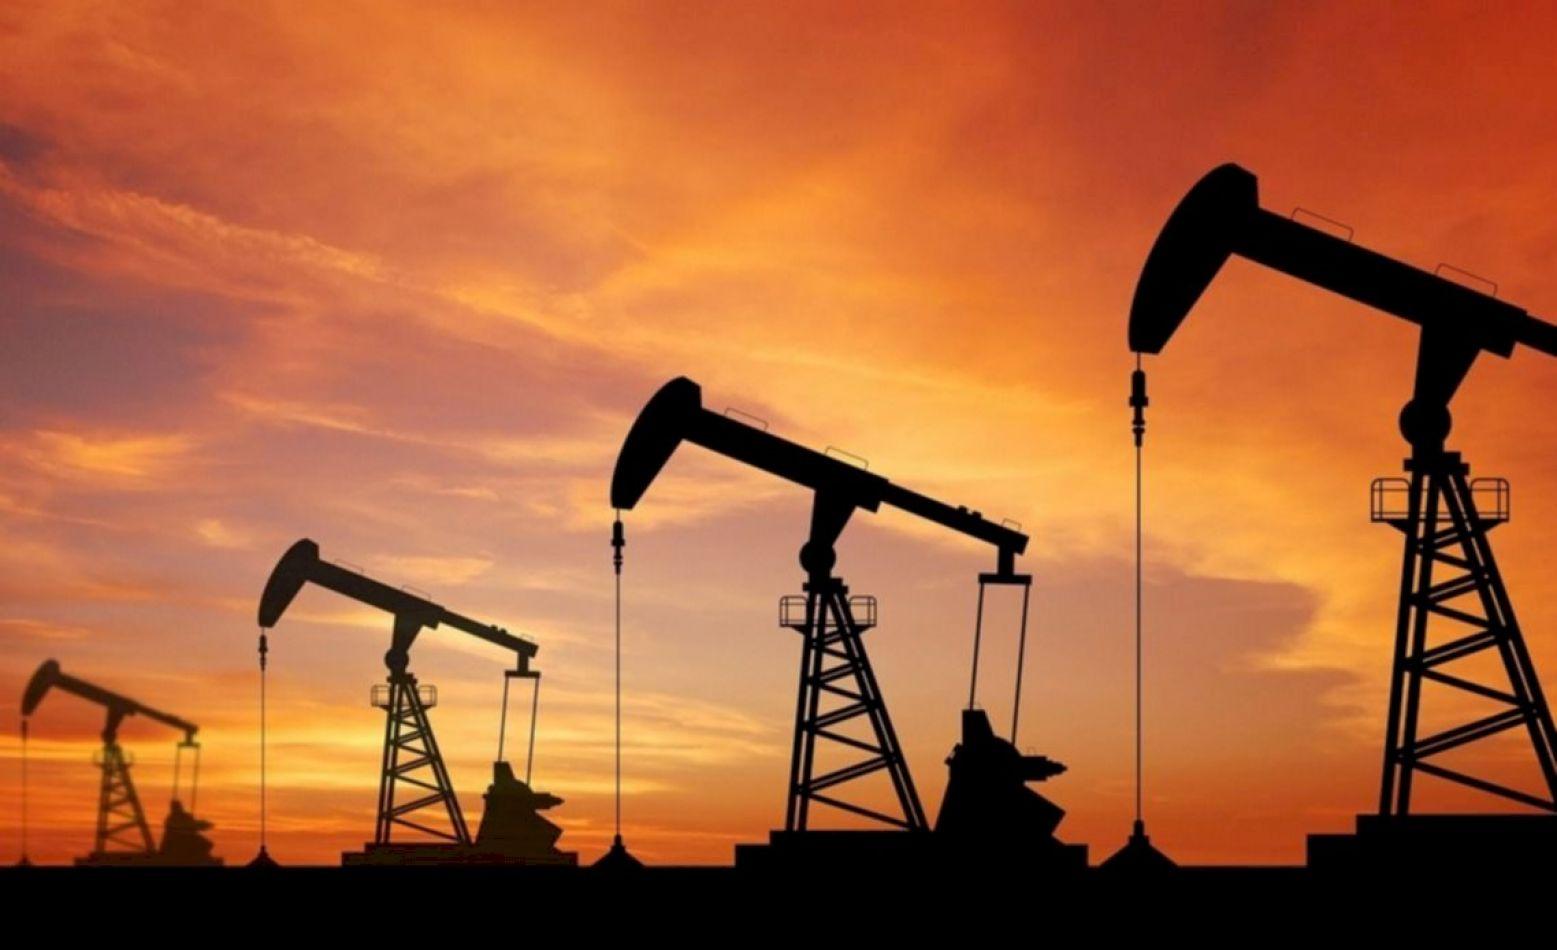 Sube el precio del petróleo por efectos del huracán en México